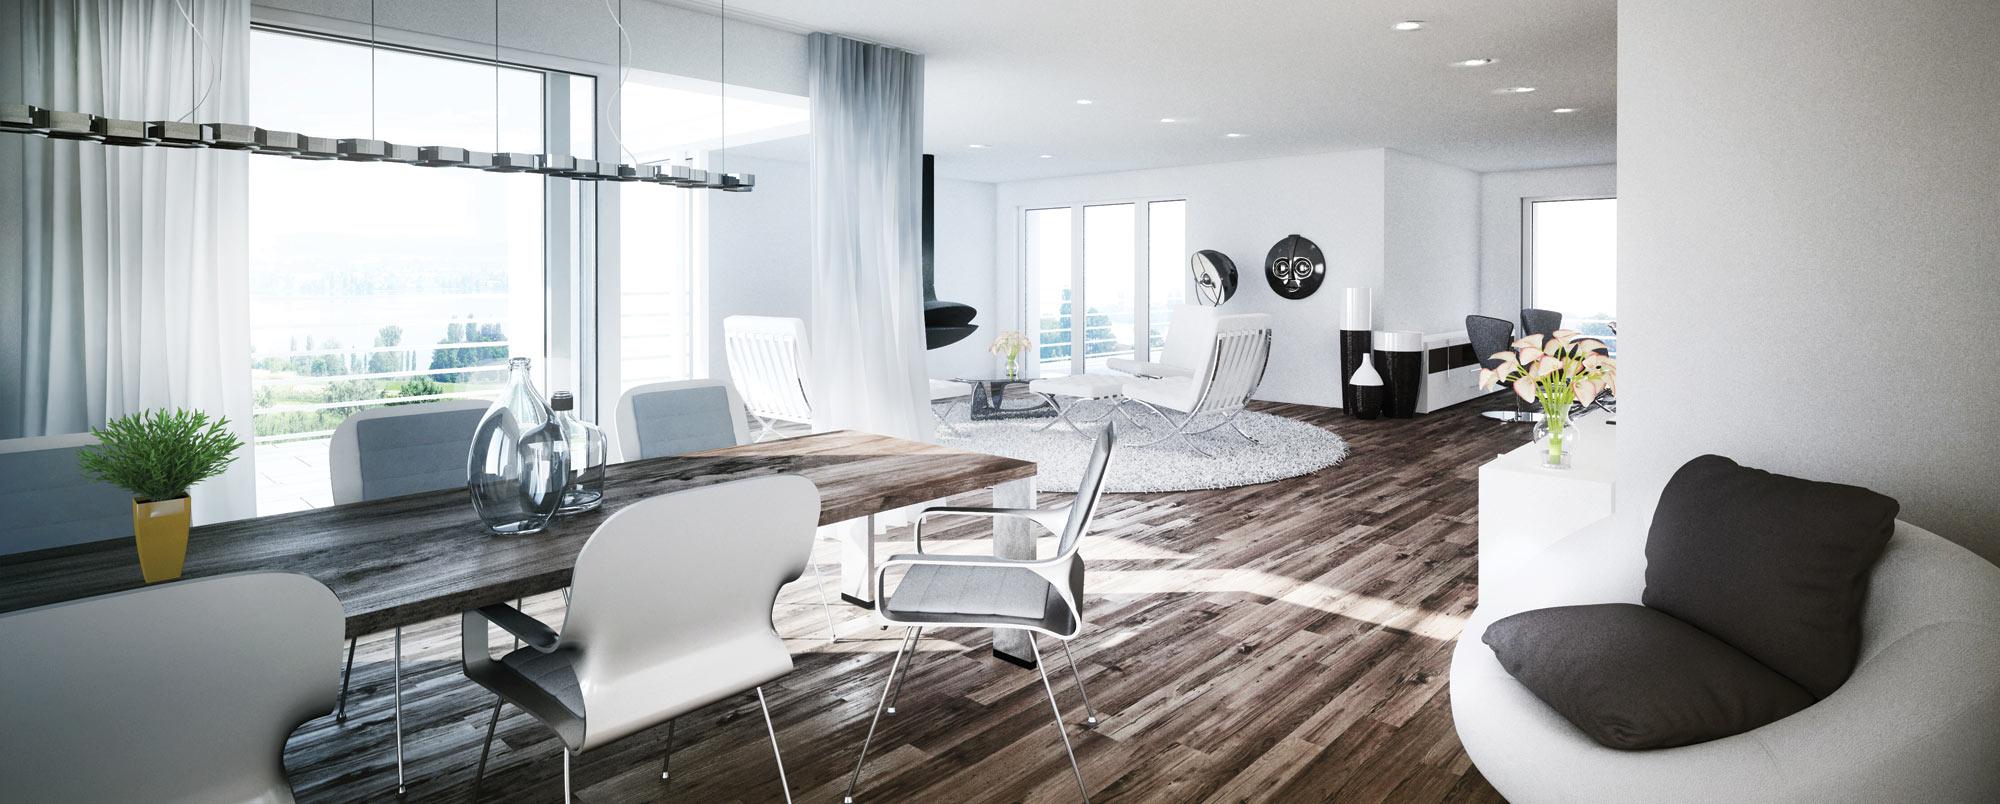 Eigentumswohnung in z rich kaufen und ihren wohntraum erf llen for Eigentumswohnung mieten